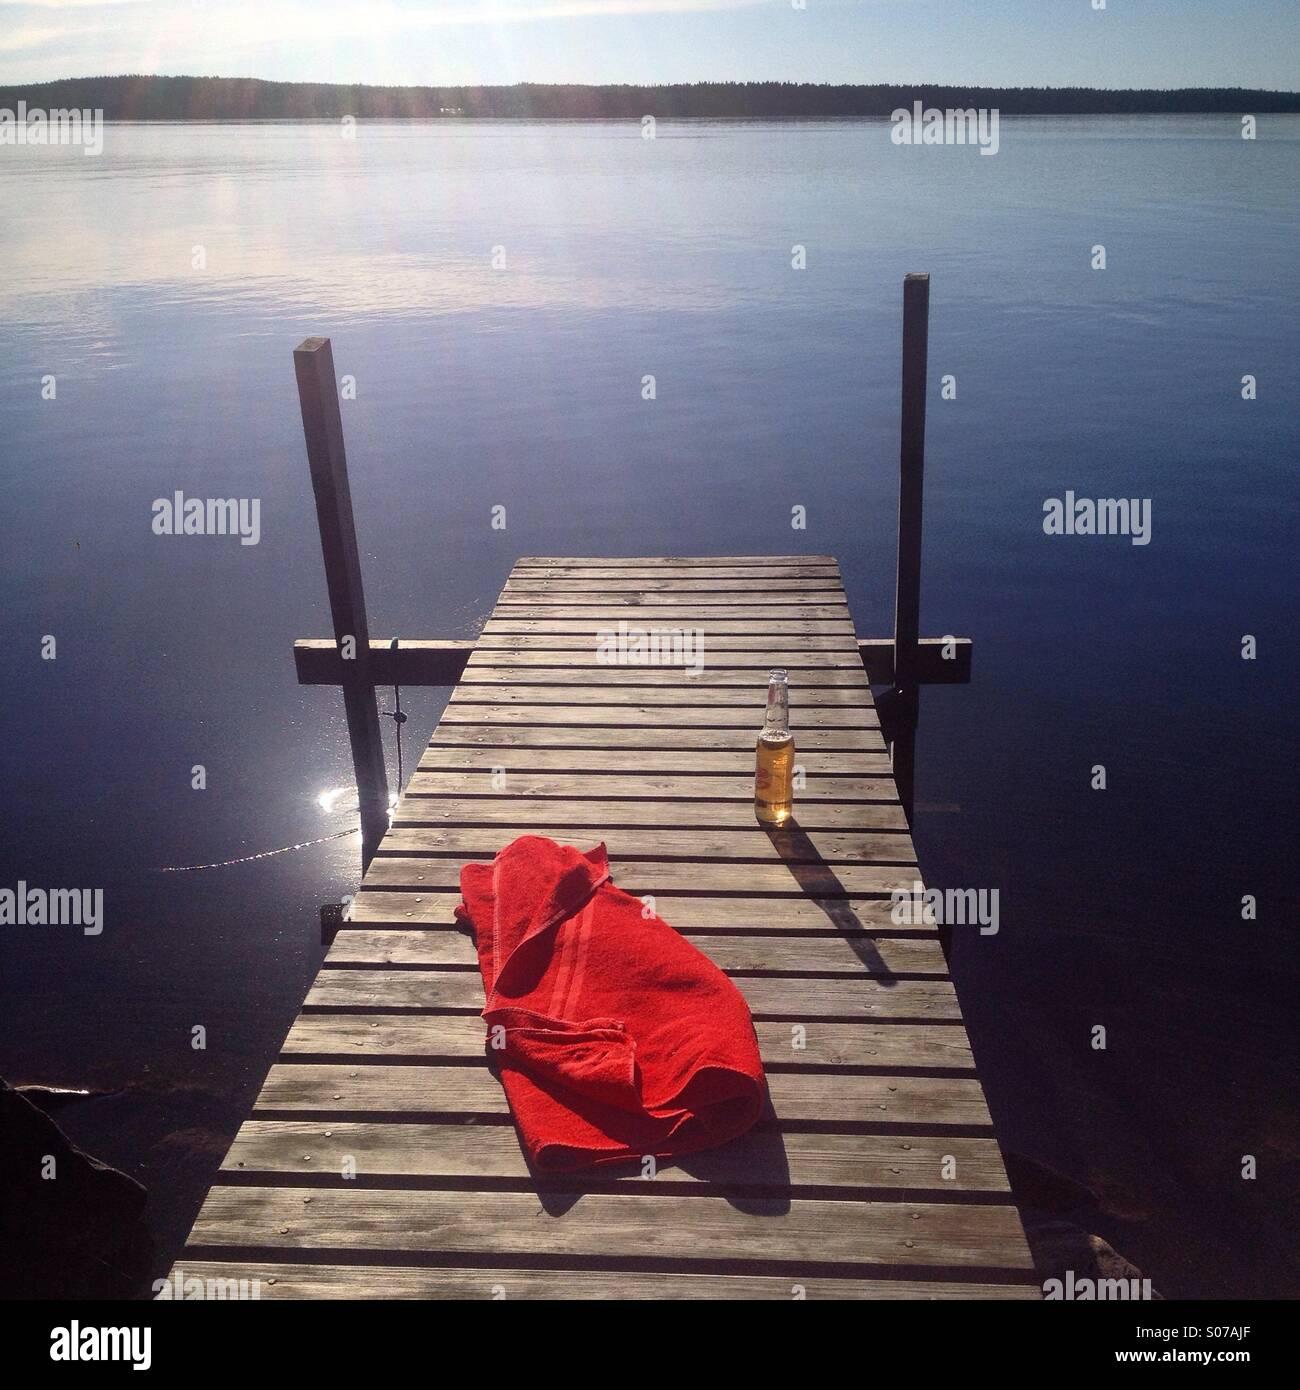 Una birra fredda e un asciugamano su un molo in un idilliaco Nordic summerhouse lago nel nord della Finlandia Immagini Stock